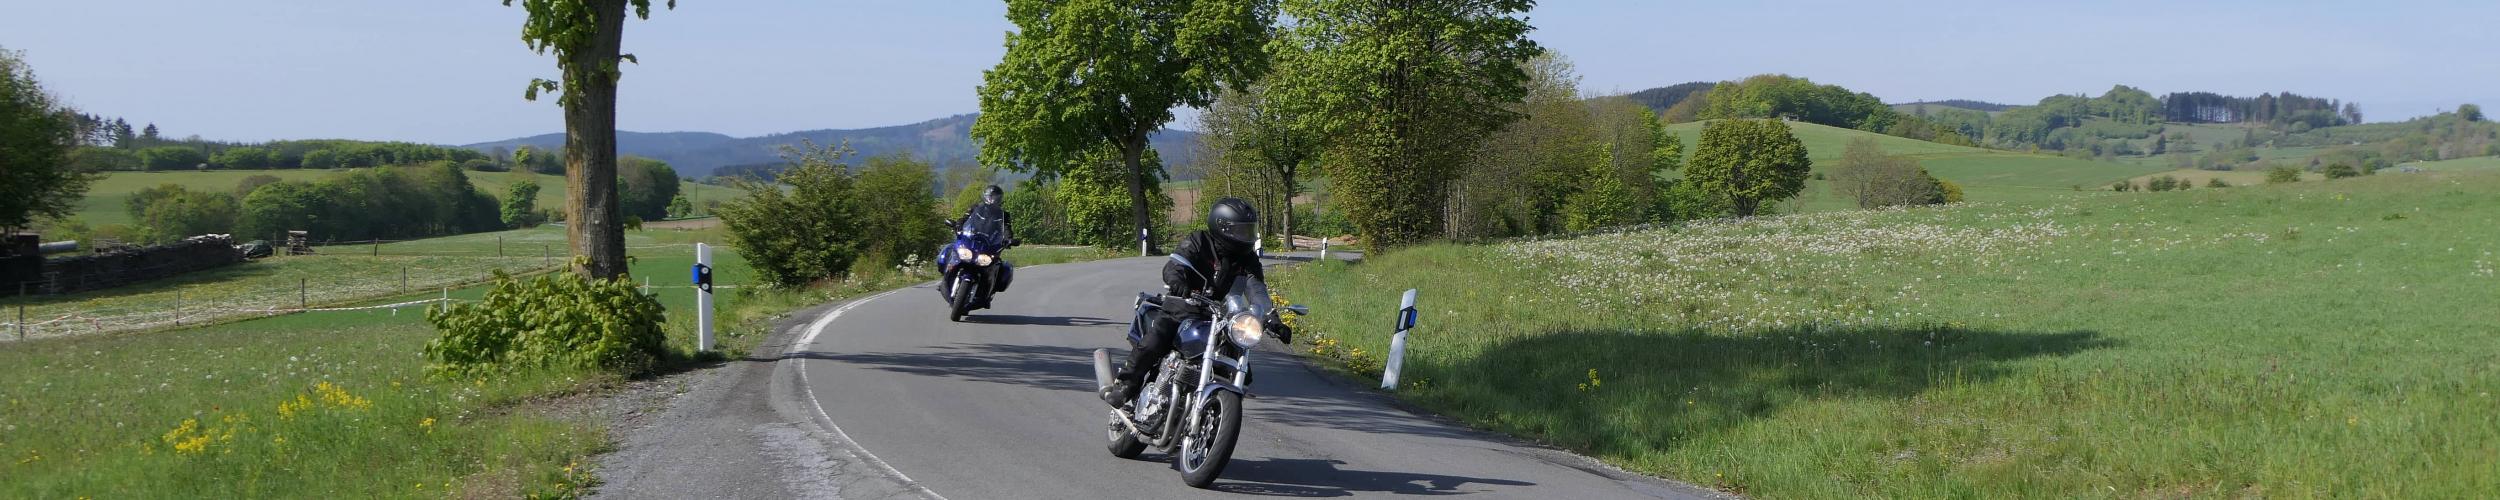 Motorreis Mittelgebirge Rhön - Thüringen | Motorreizen Duitsland